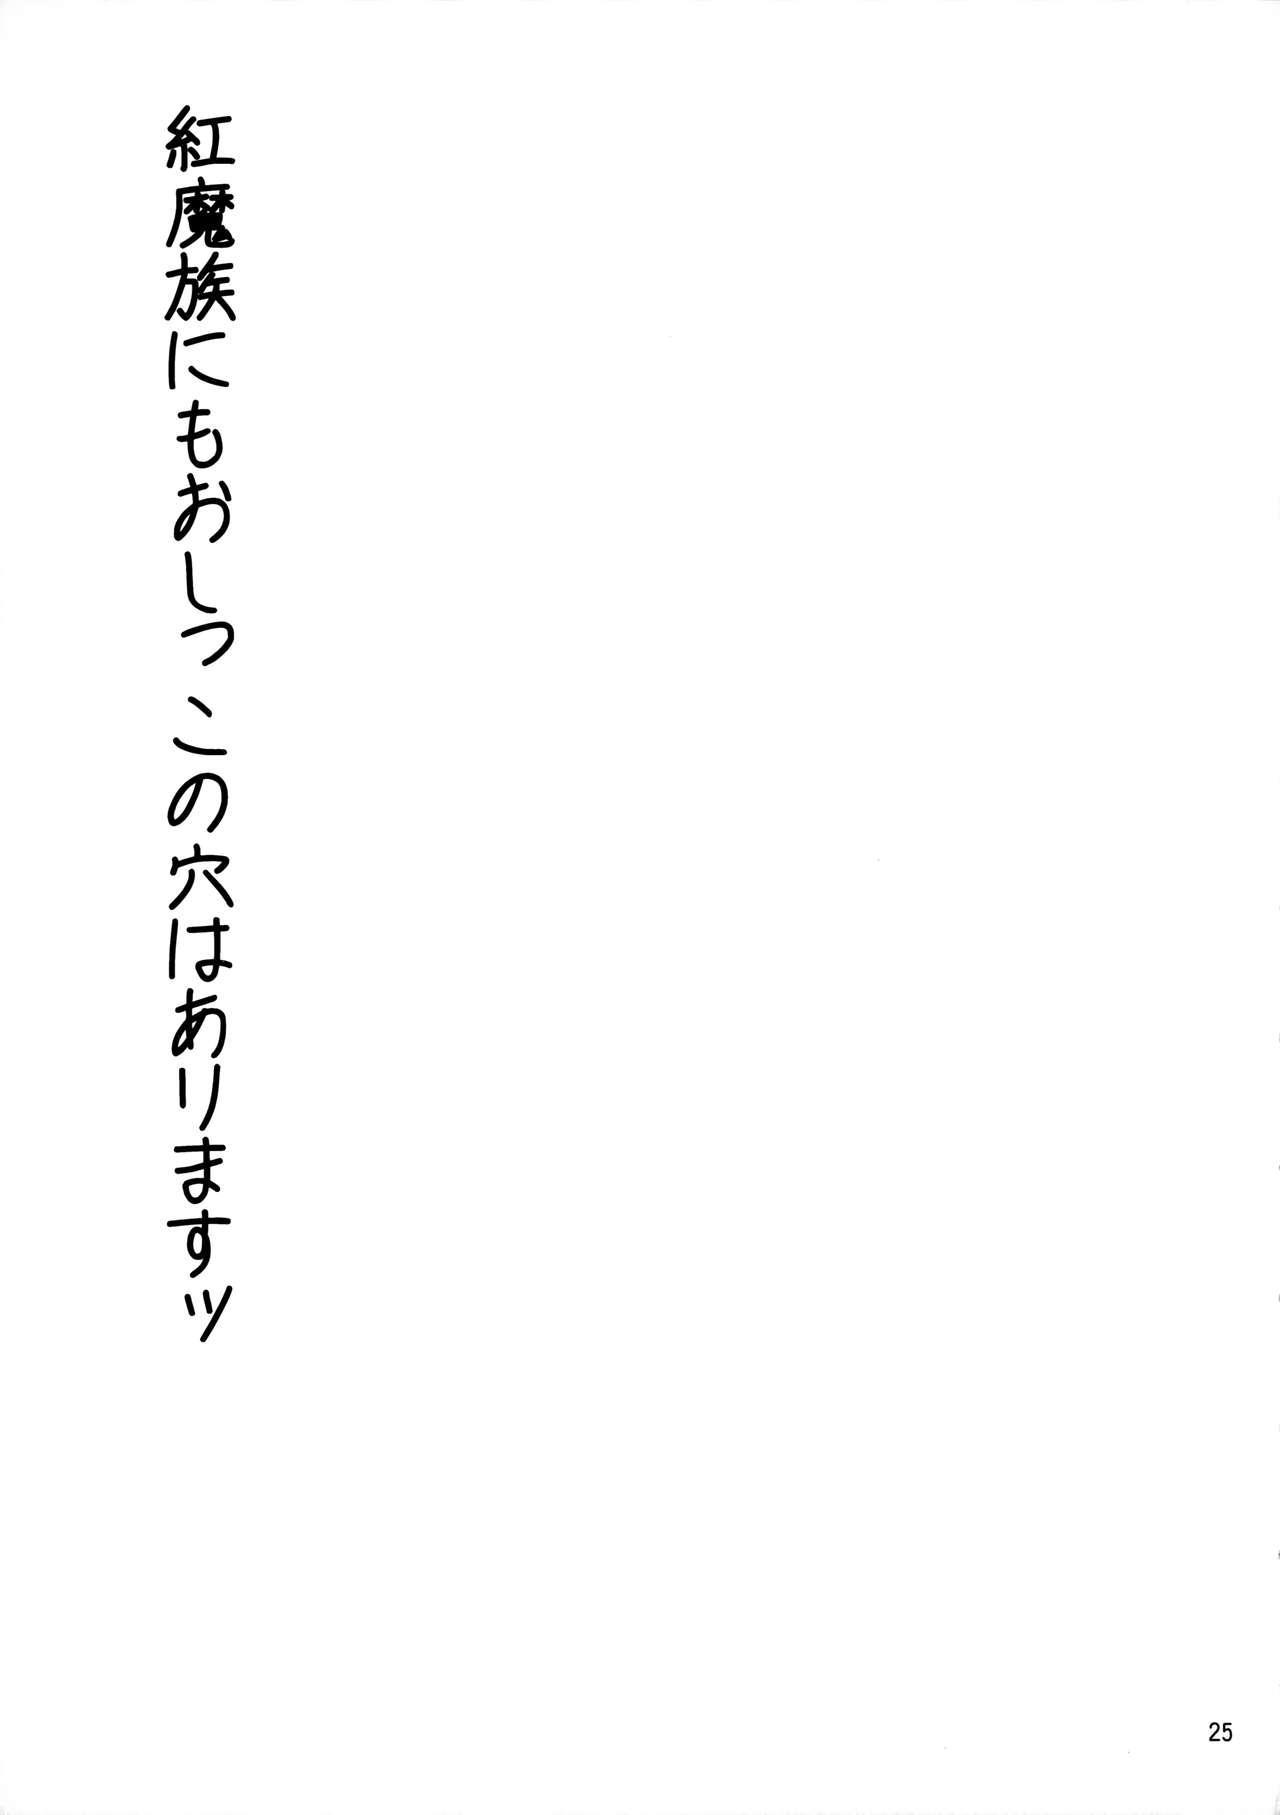 Megumin Slime-zuke! | Slime immersed Megumin! 23